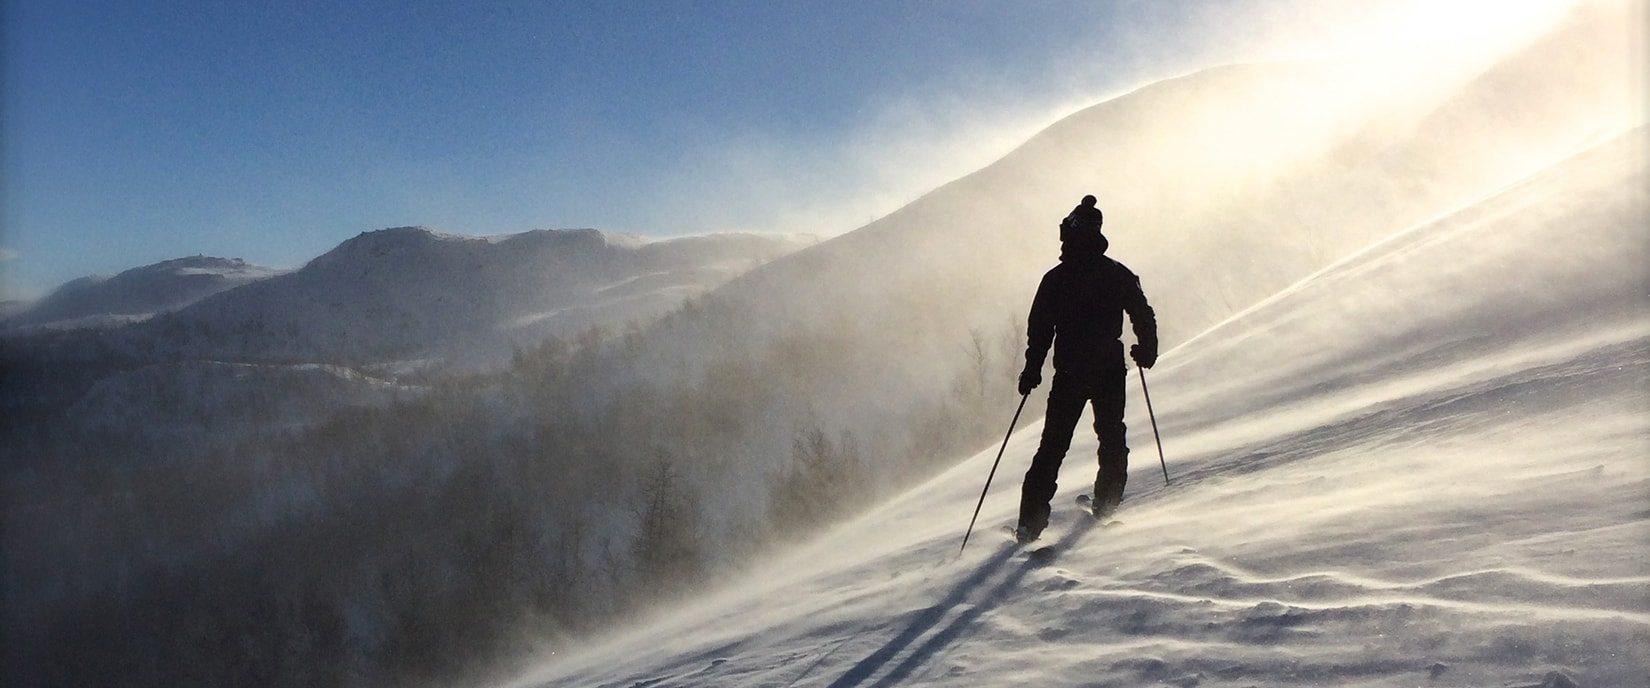 Festival de musique en station de ski - Hiver 2016/2017